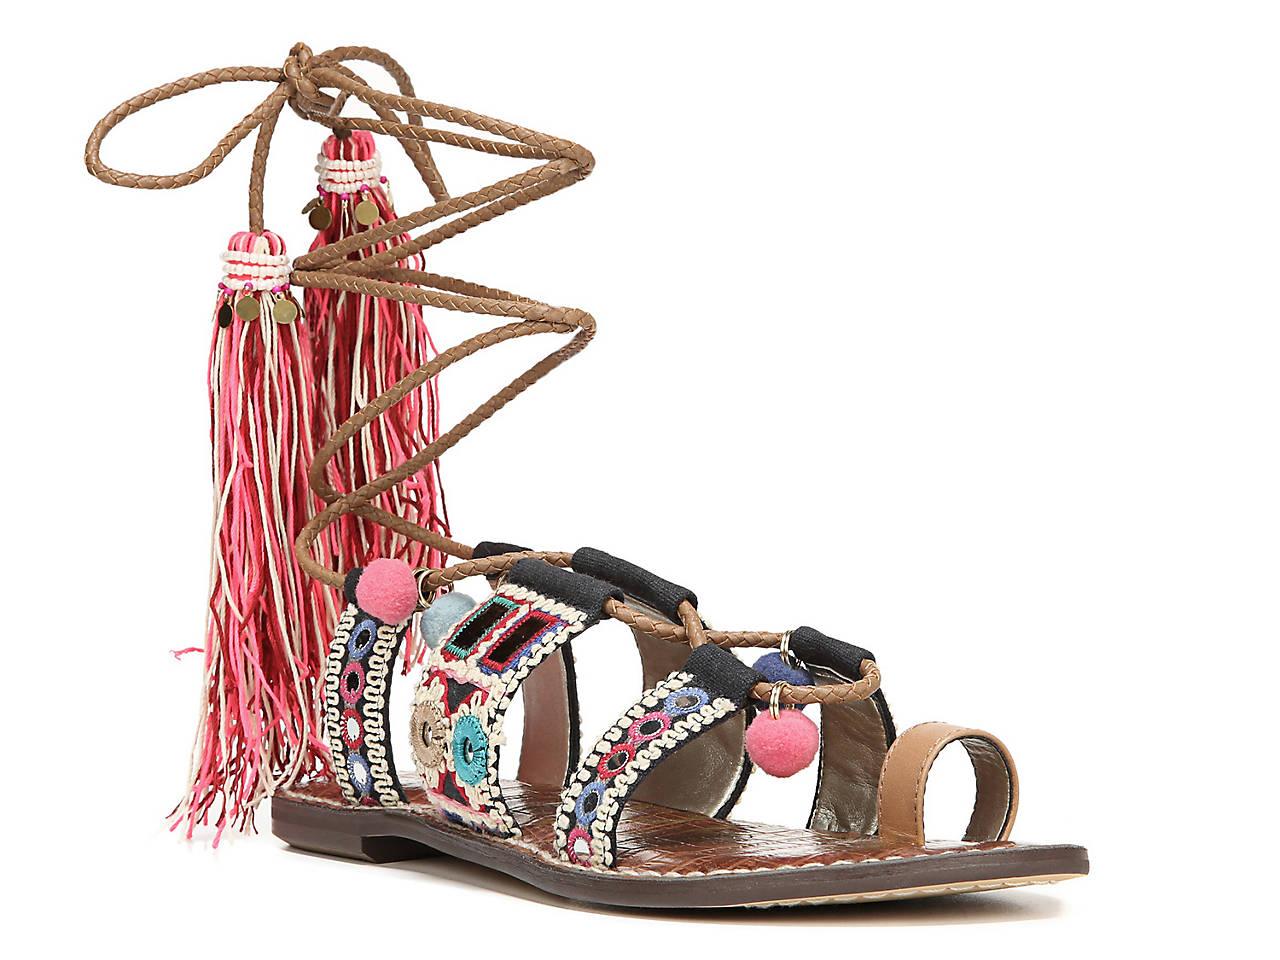 c5b939518b8 Sam Edelman Gretchen Gladiator Sandal Women s Shoes